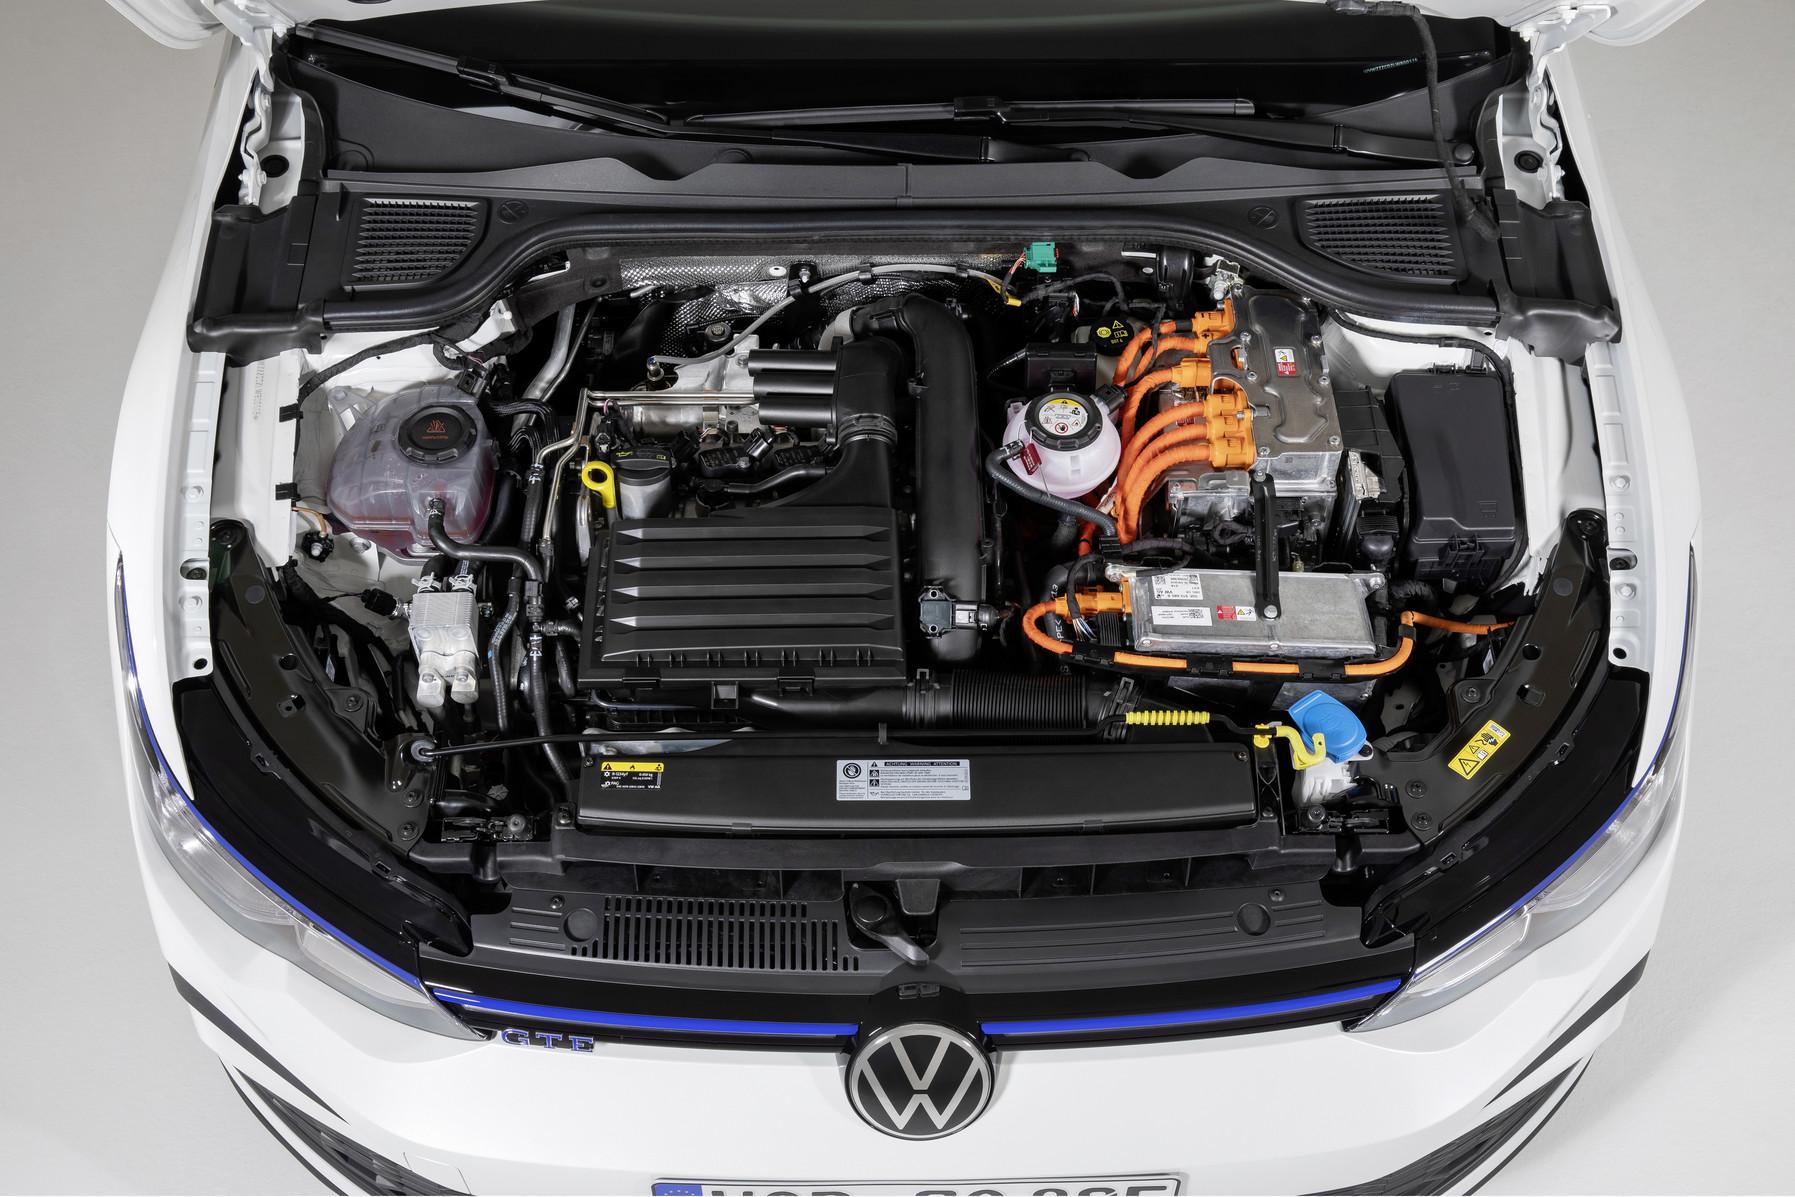 「フォルクスワーゲンが新型Golf GTI、GTE、GTDの3台を発表【新車】」の12枚目の画像